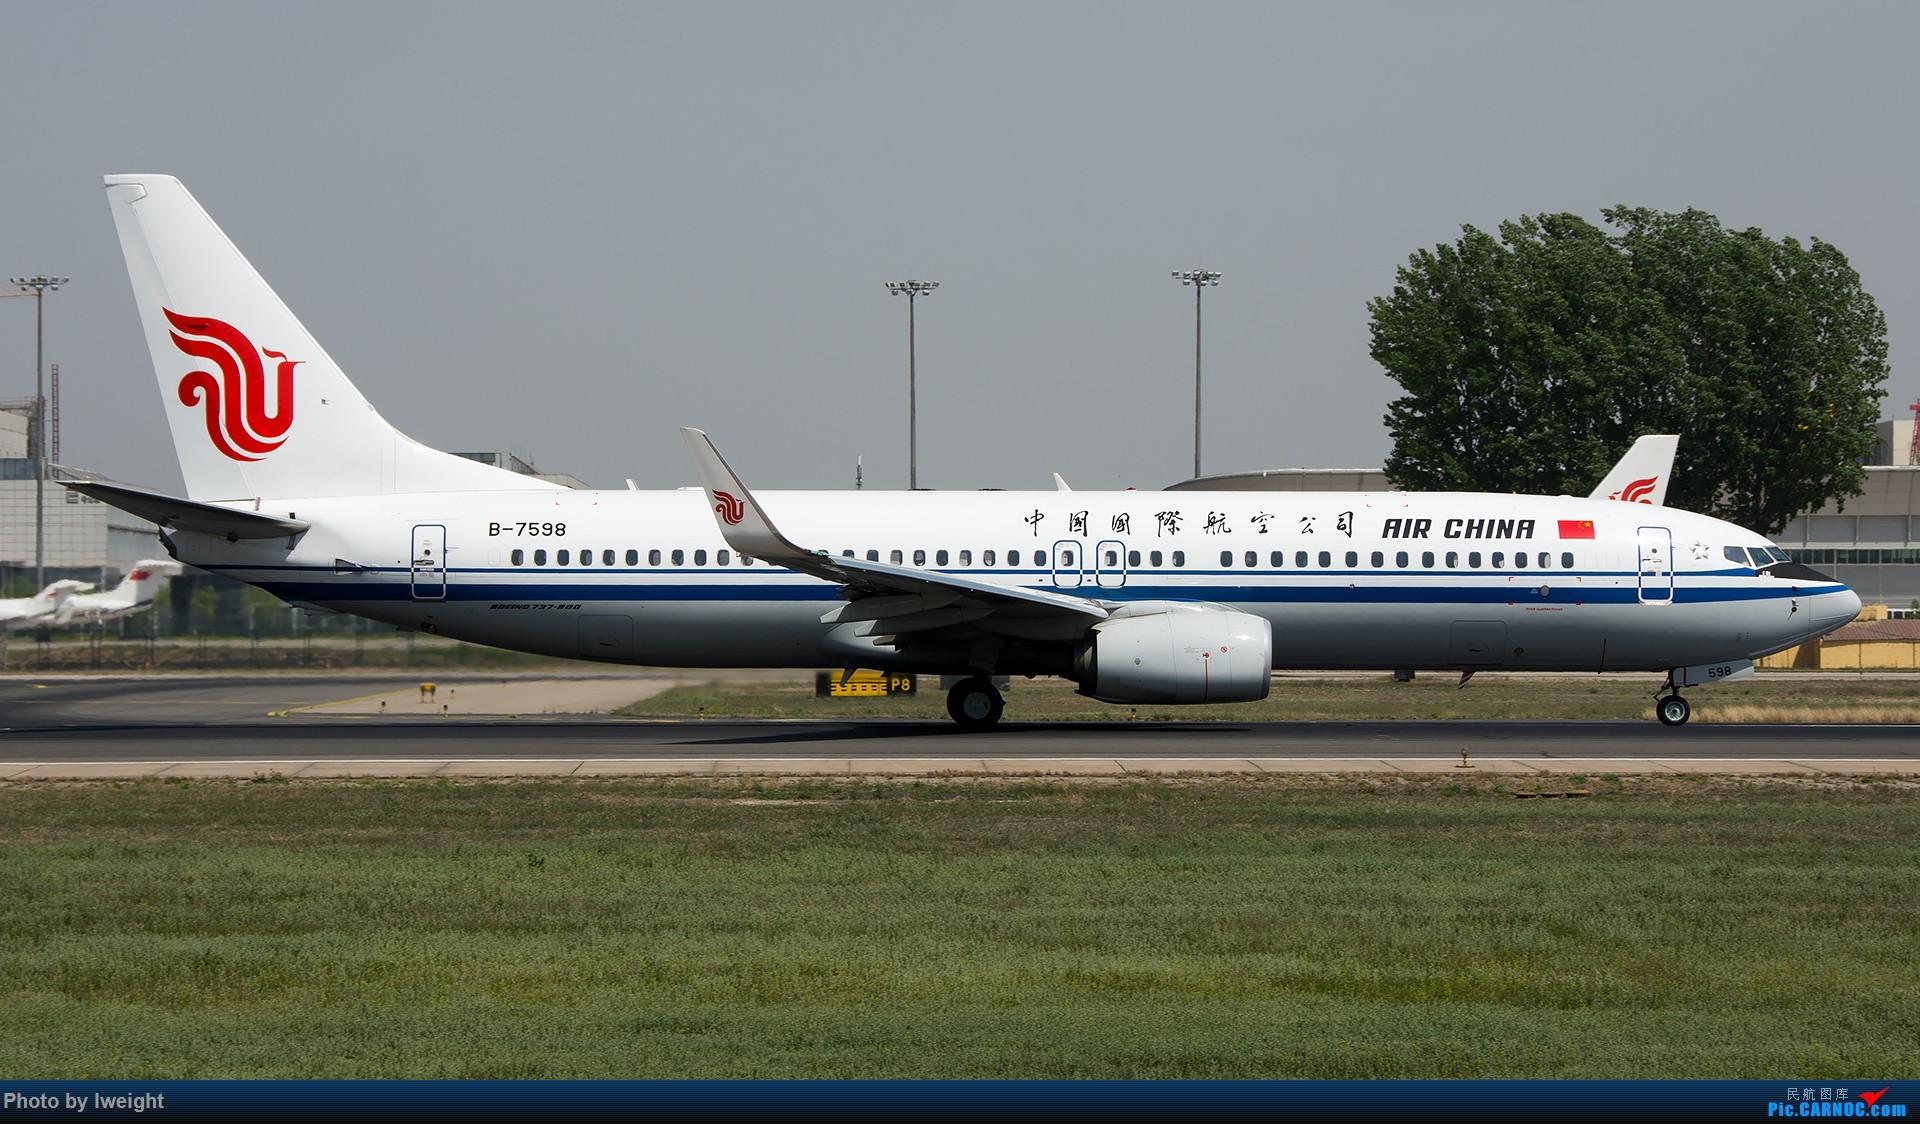 Re:[原创]天气晴朗,继续守候18R【多图】 BOEING 737-800 B-7598 中国北京首都国际机场